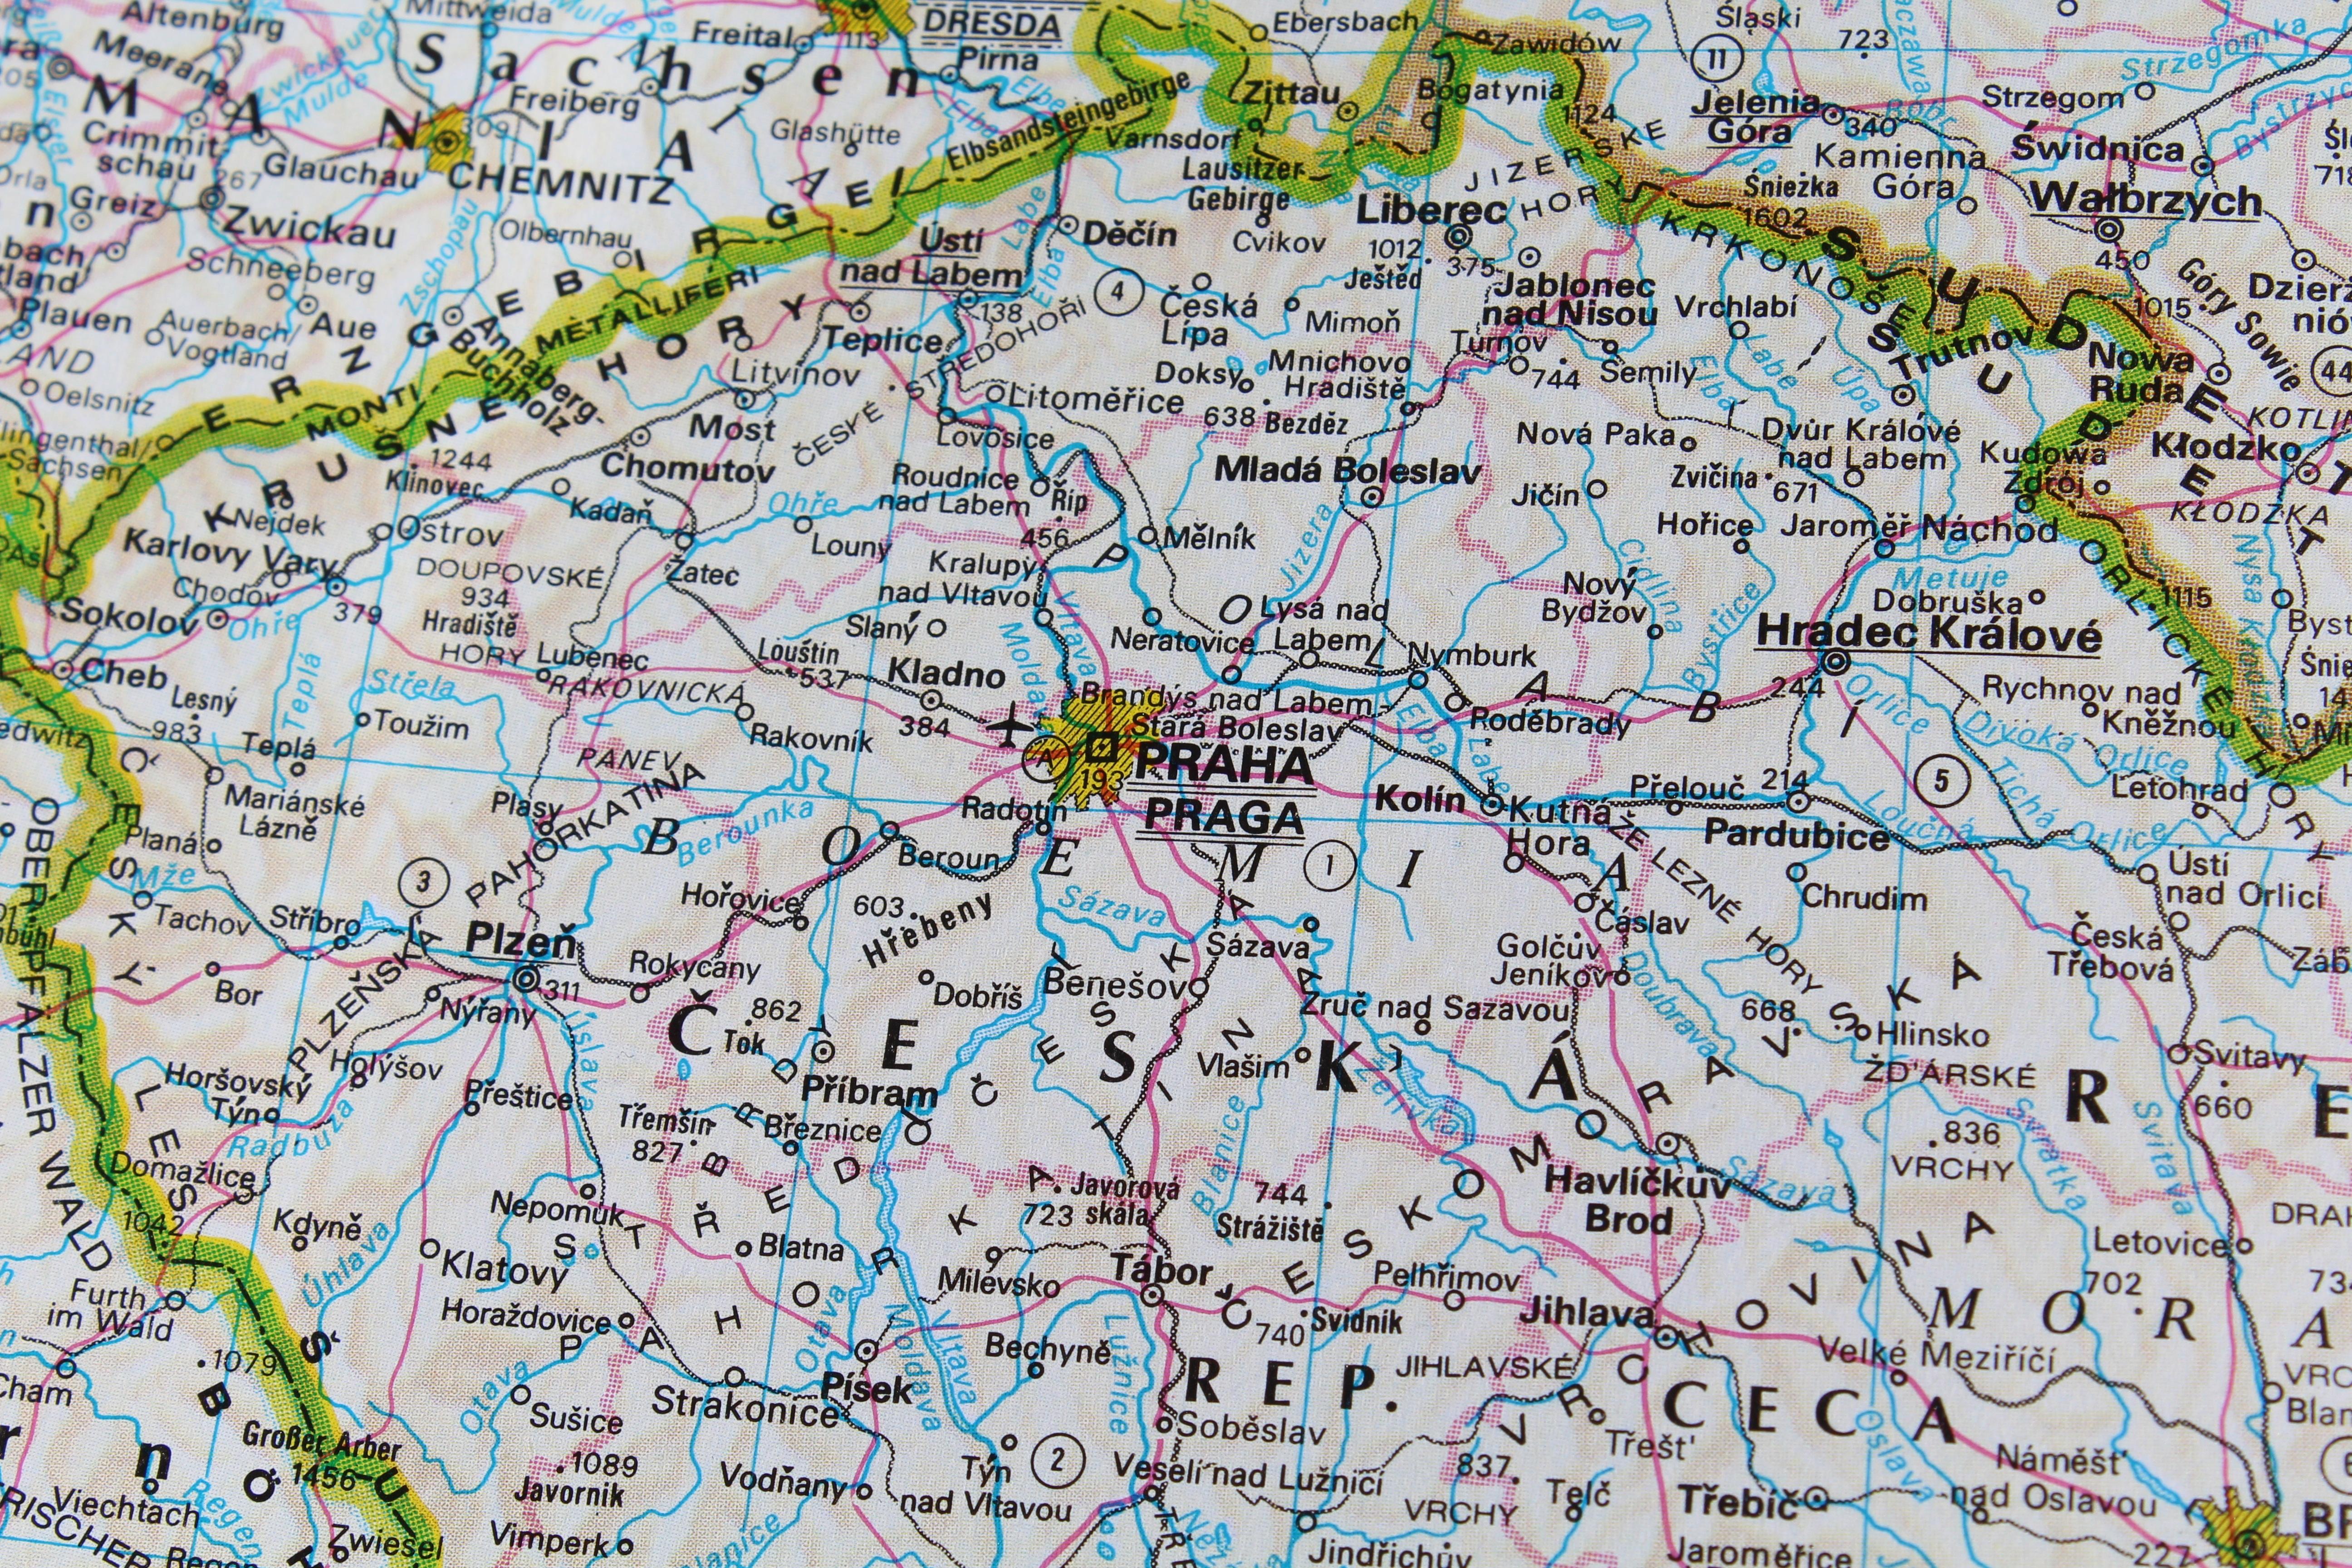 Free Images : Soil, Prague, Map, Geography, Czech Republic, Graphics, Neighbourhood, Urban